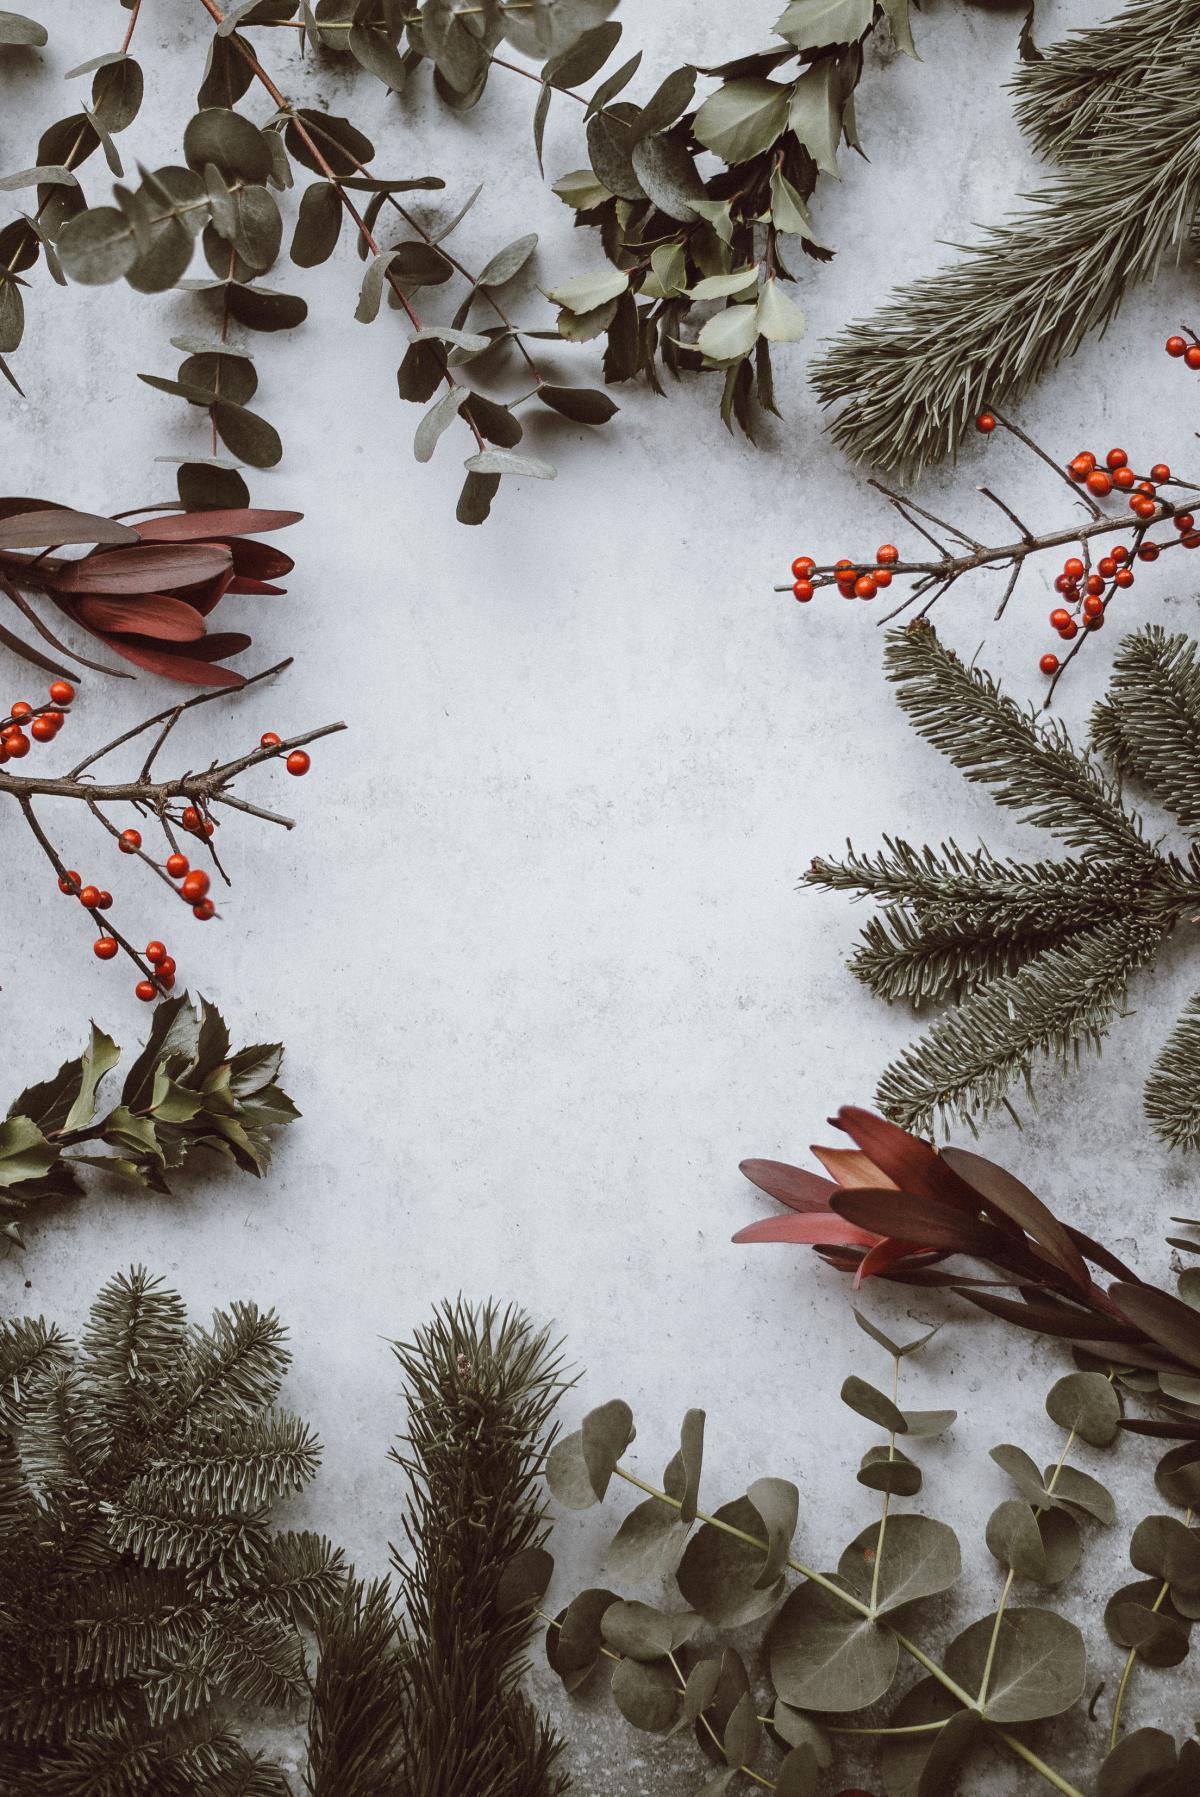 Julträff på Råbylunds Går inställd pga Corona